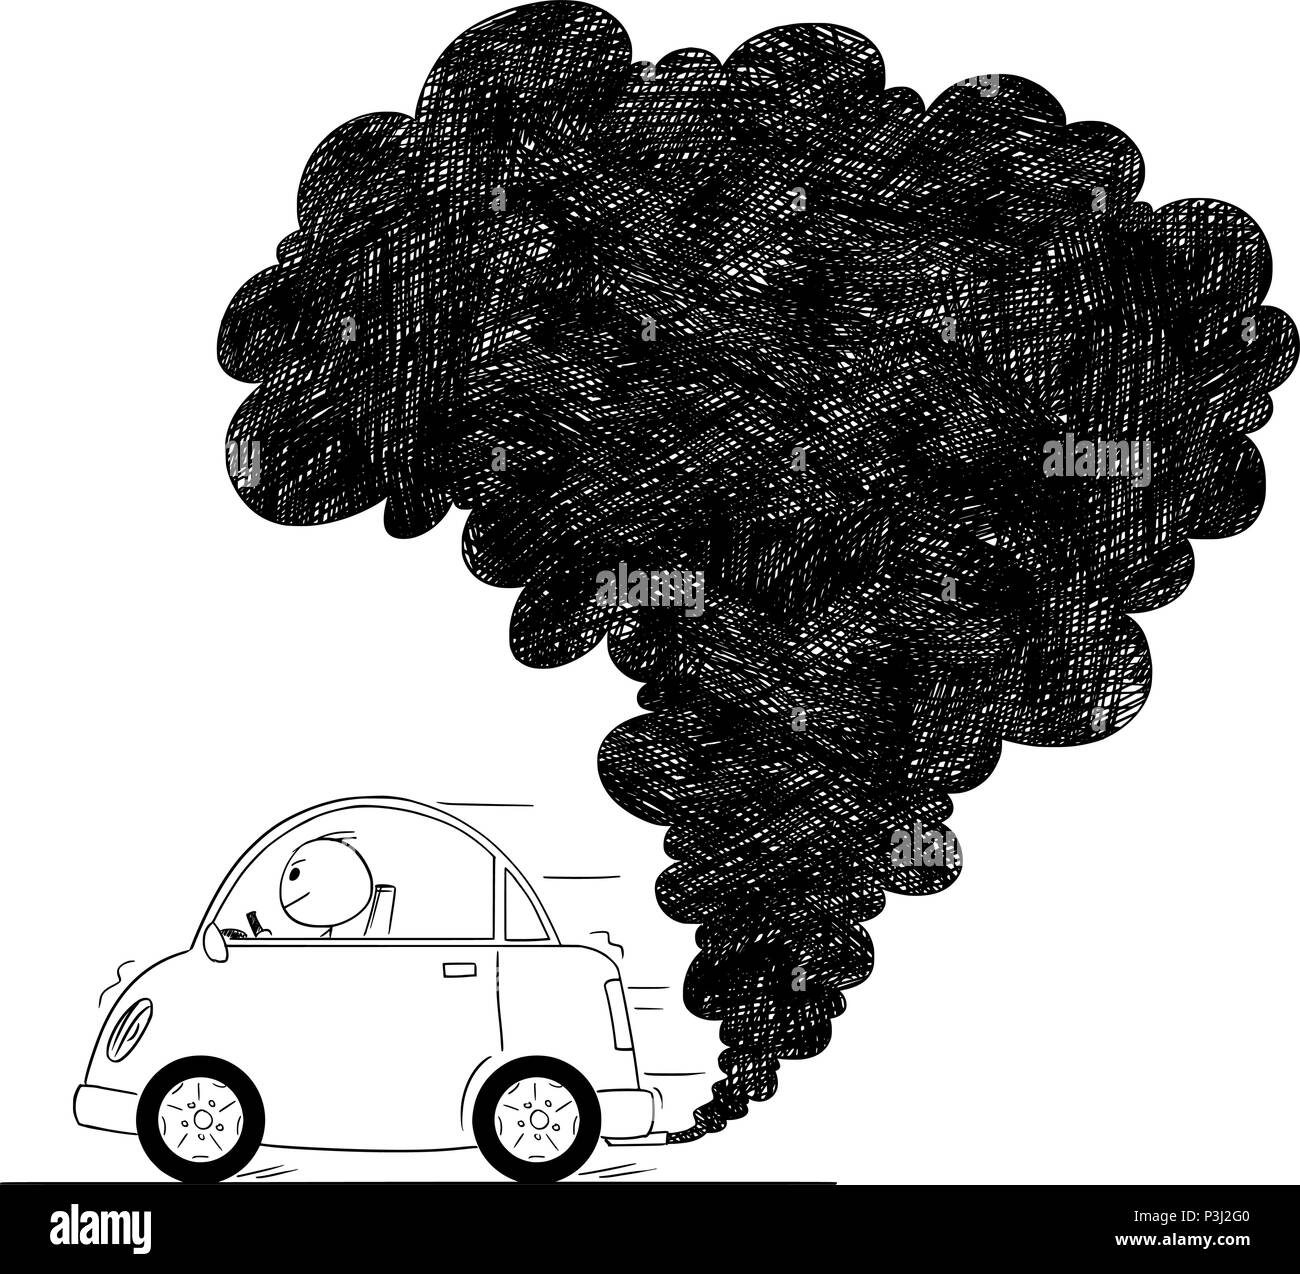 Dibujo Artístico Ilustración Vectorial De La Contaminación